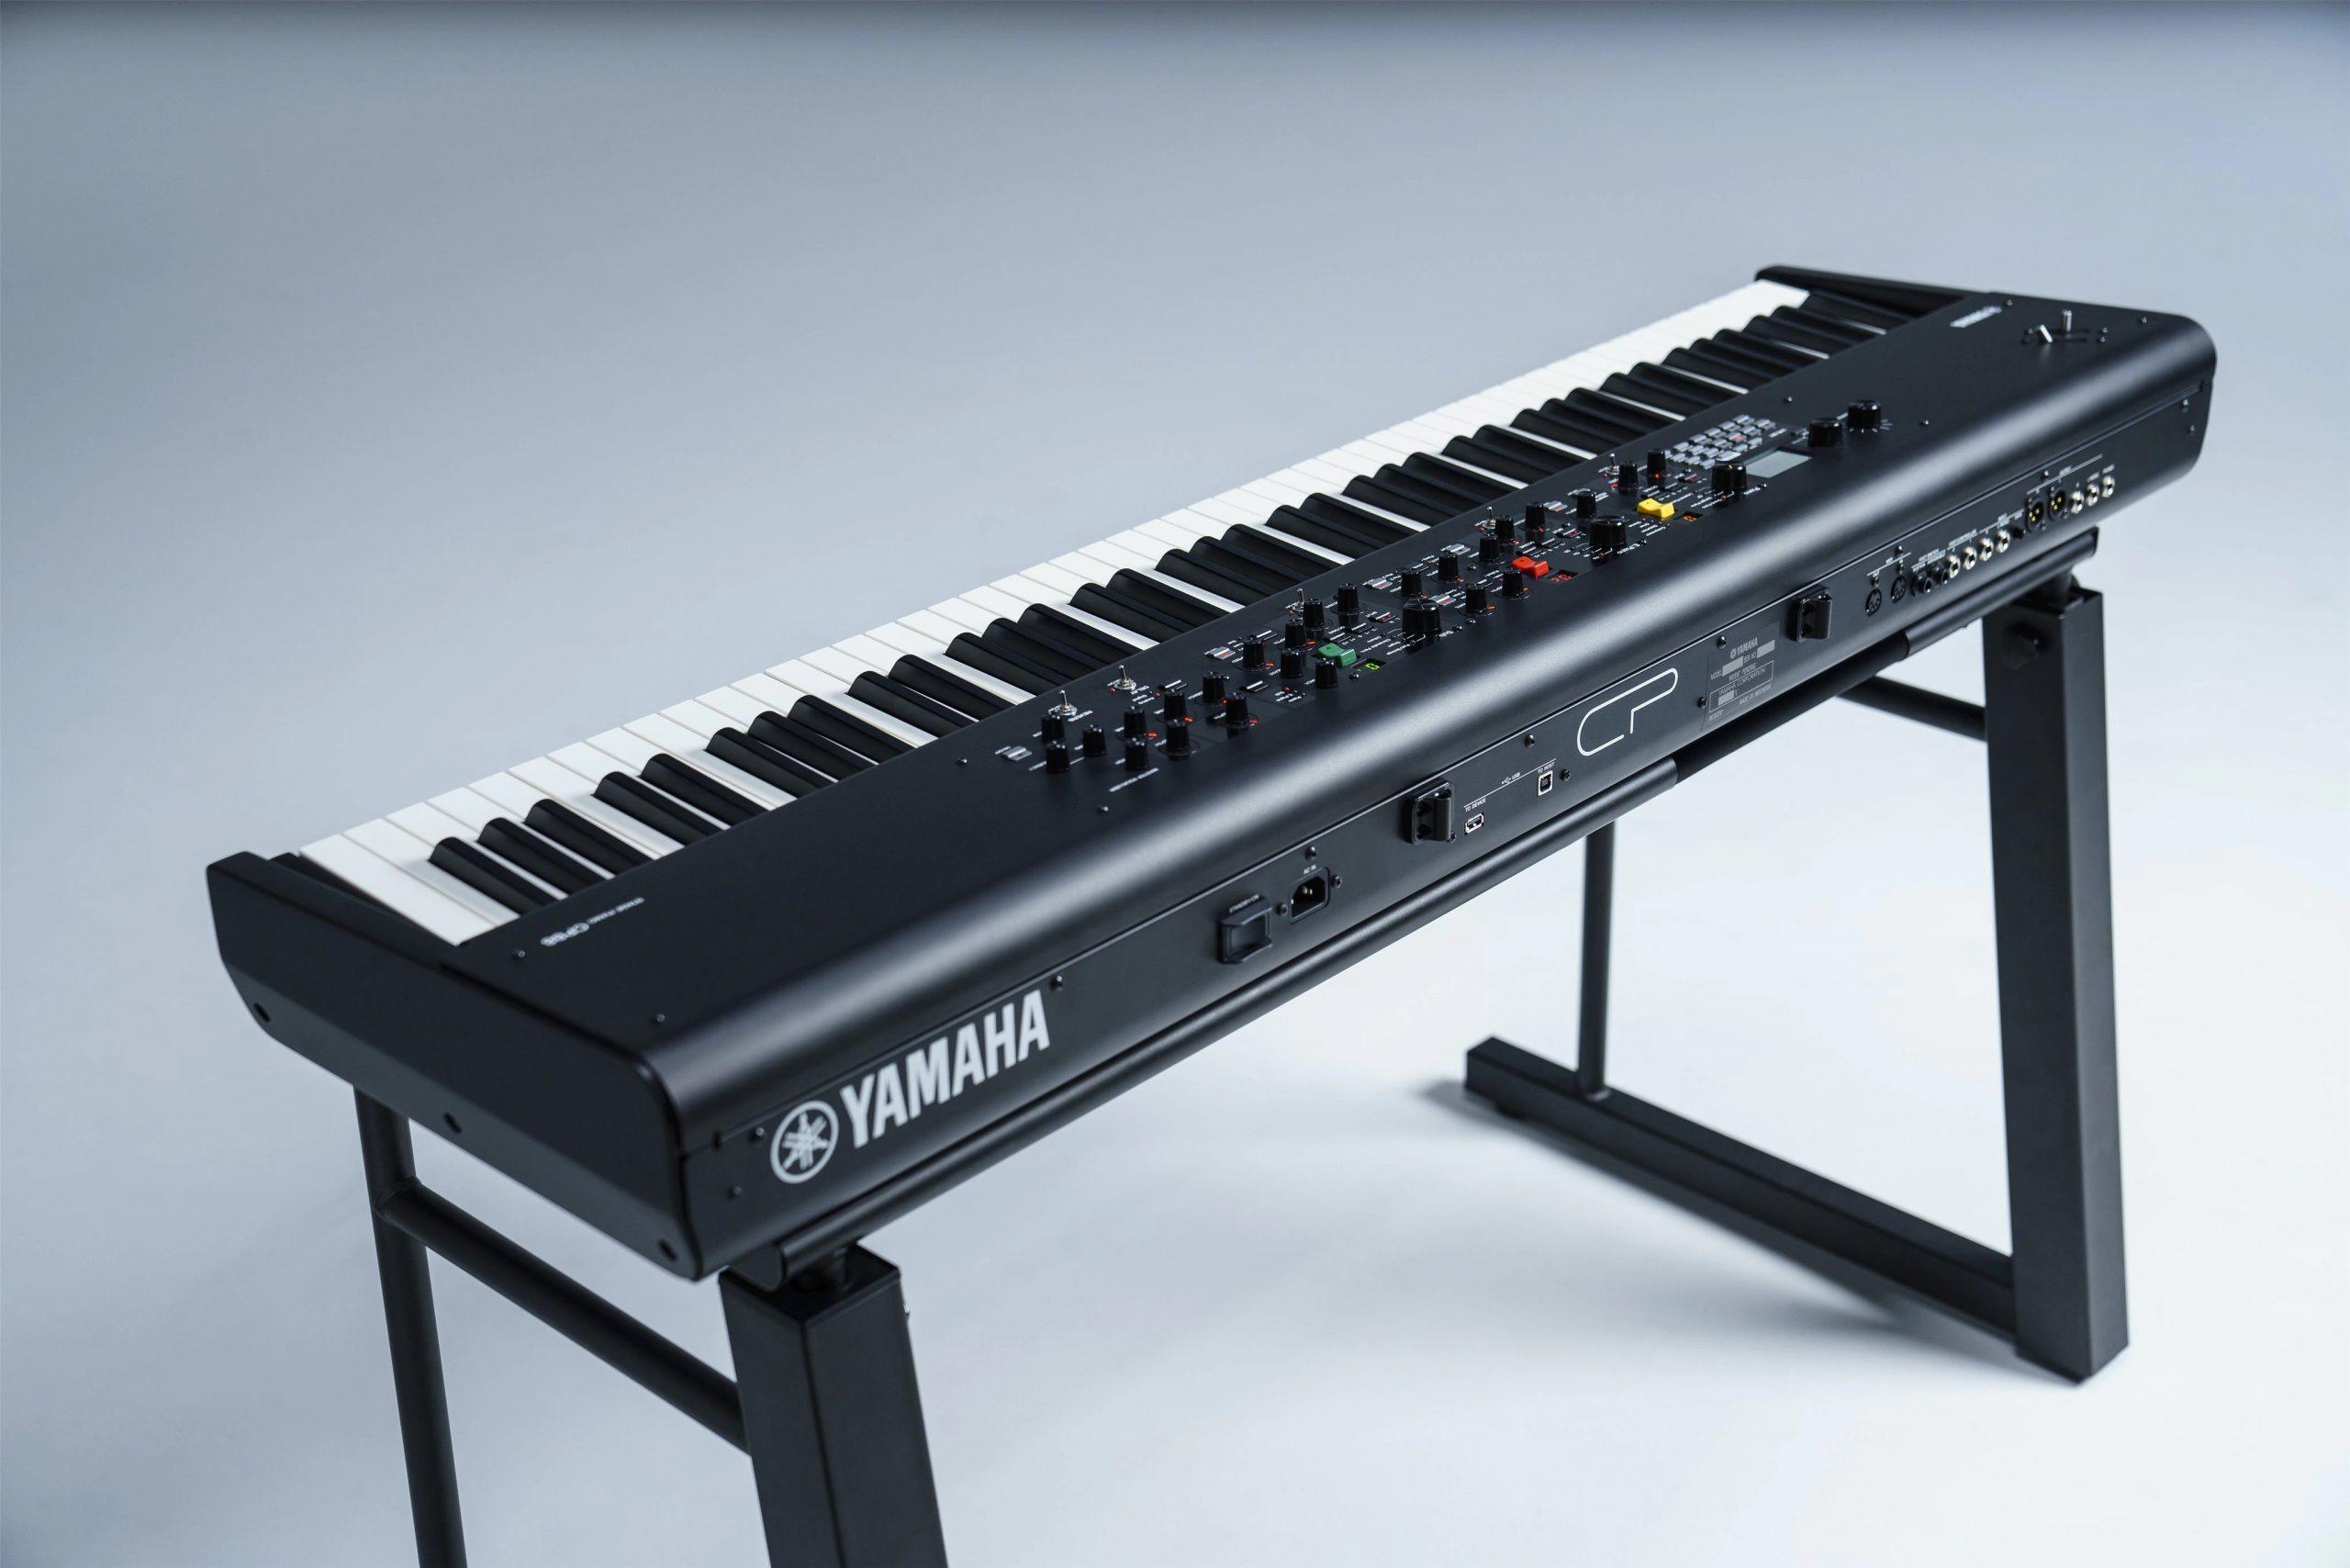 Design of Yamaha CP88